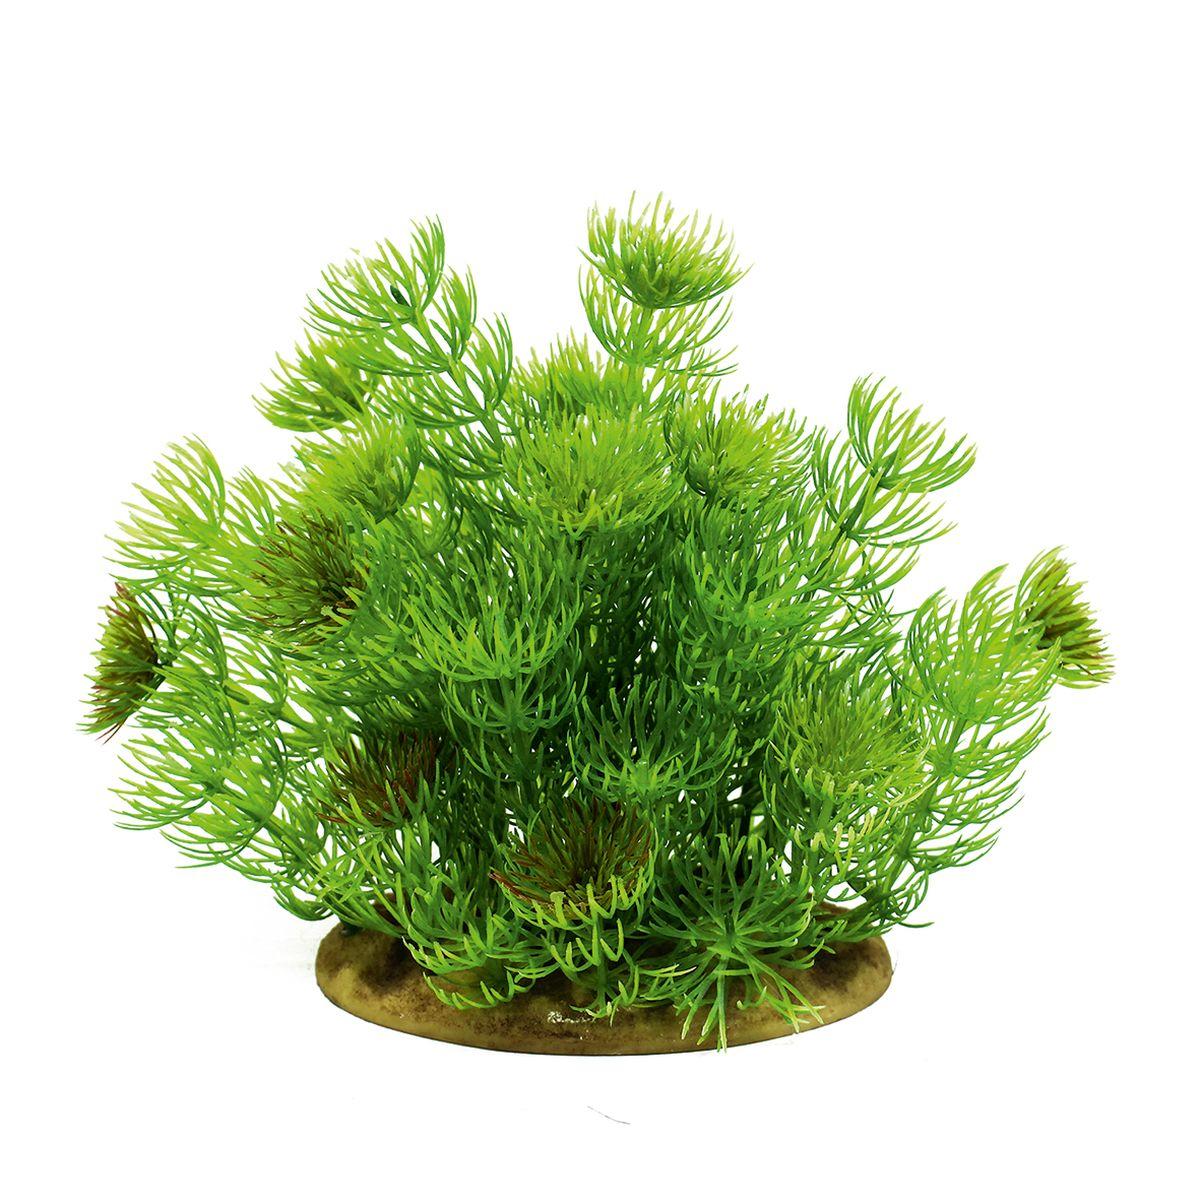 Растение для аквариума ArtUniq Лимнофила, высота 15 см. ART-11601130120710Композиция из искусственных растений ArtUniq превосходно украсит и оживит аквариум.Растения - это важная часть любой композиции, они помогут вдохнуть жизнь в ландшафт любого аквариума или террариума. А их сходствос природными порадует даже самых взыскательных ценителей.